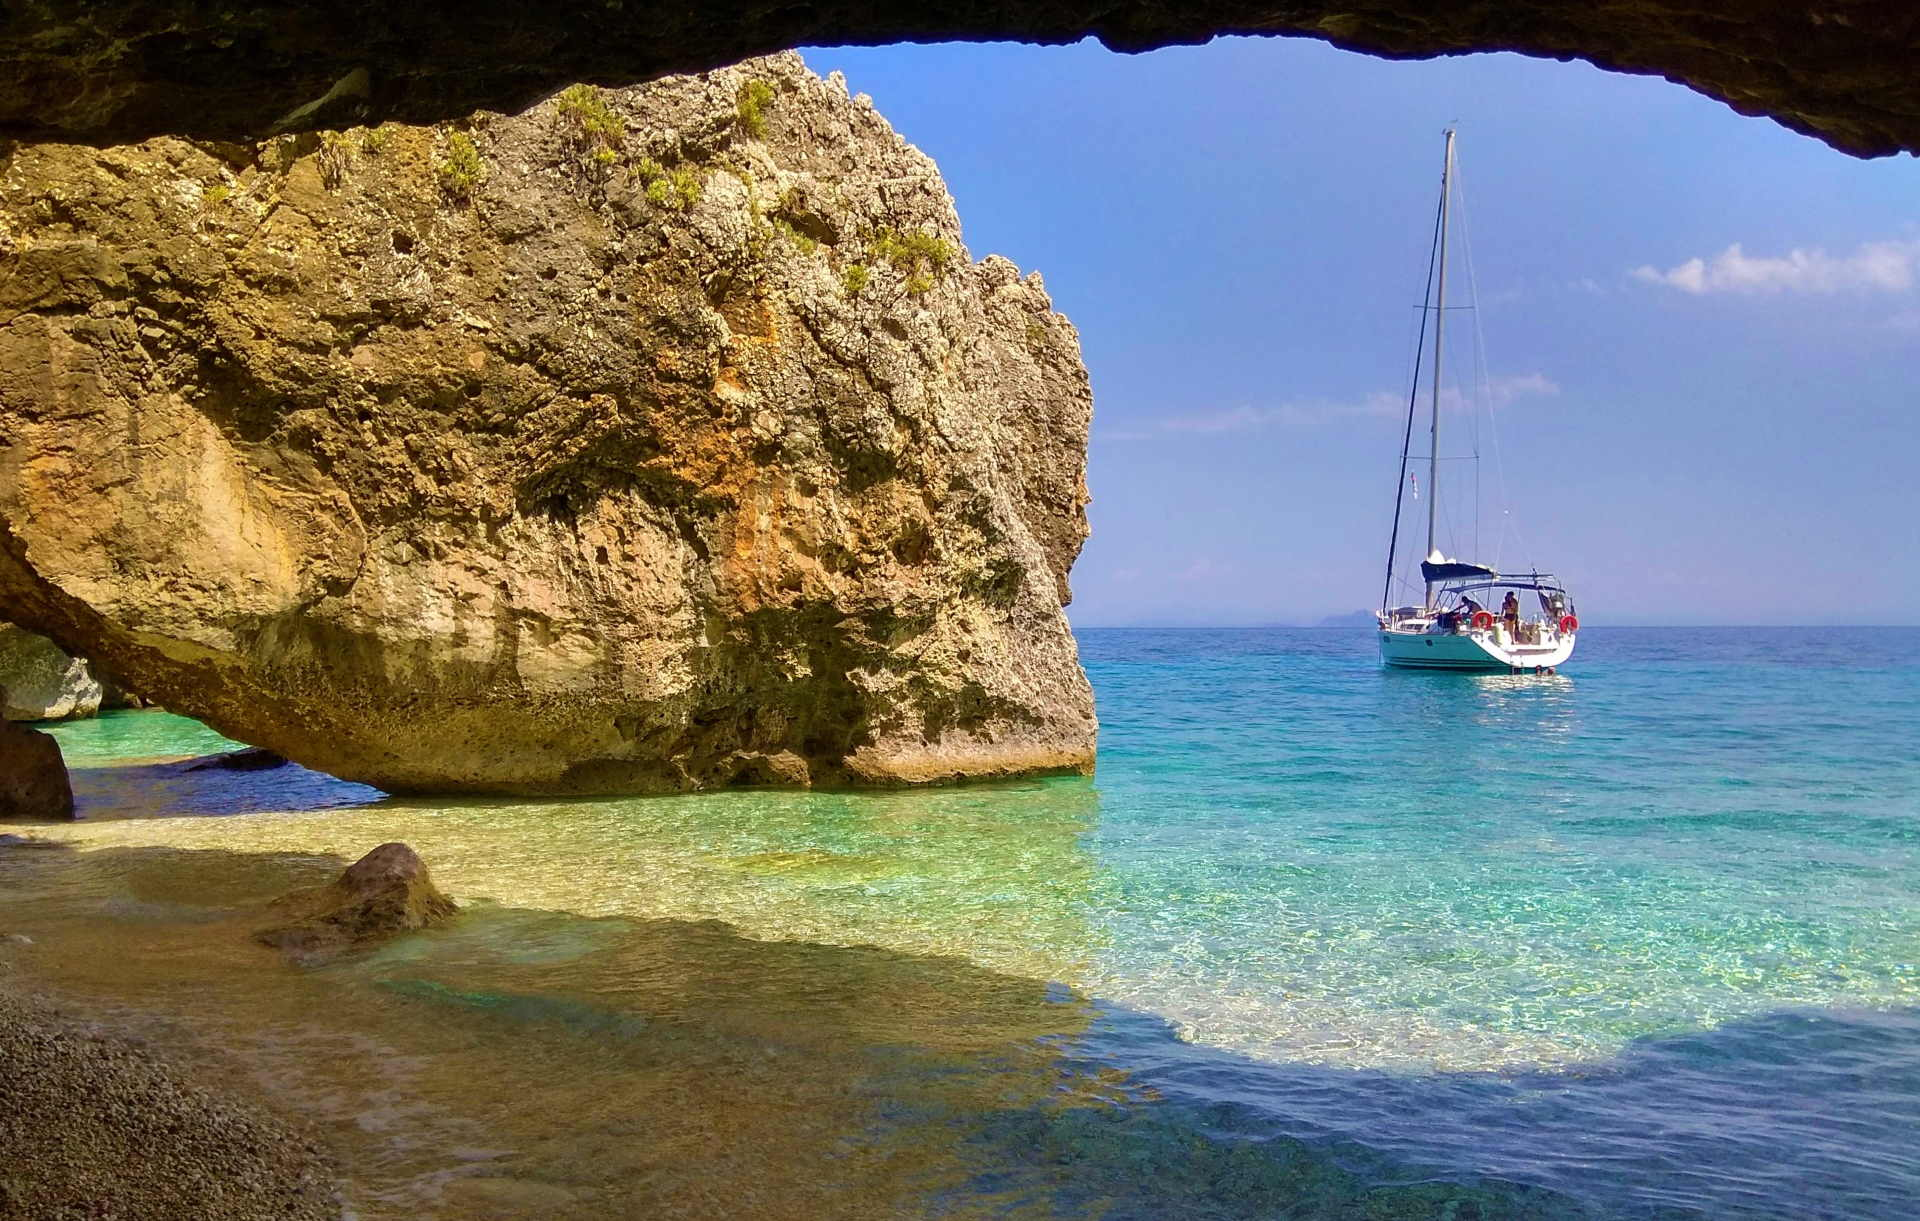 яхта в залив на остров Кефалония